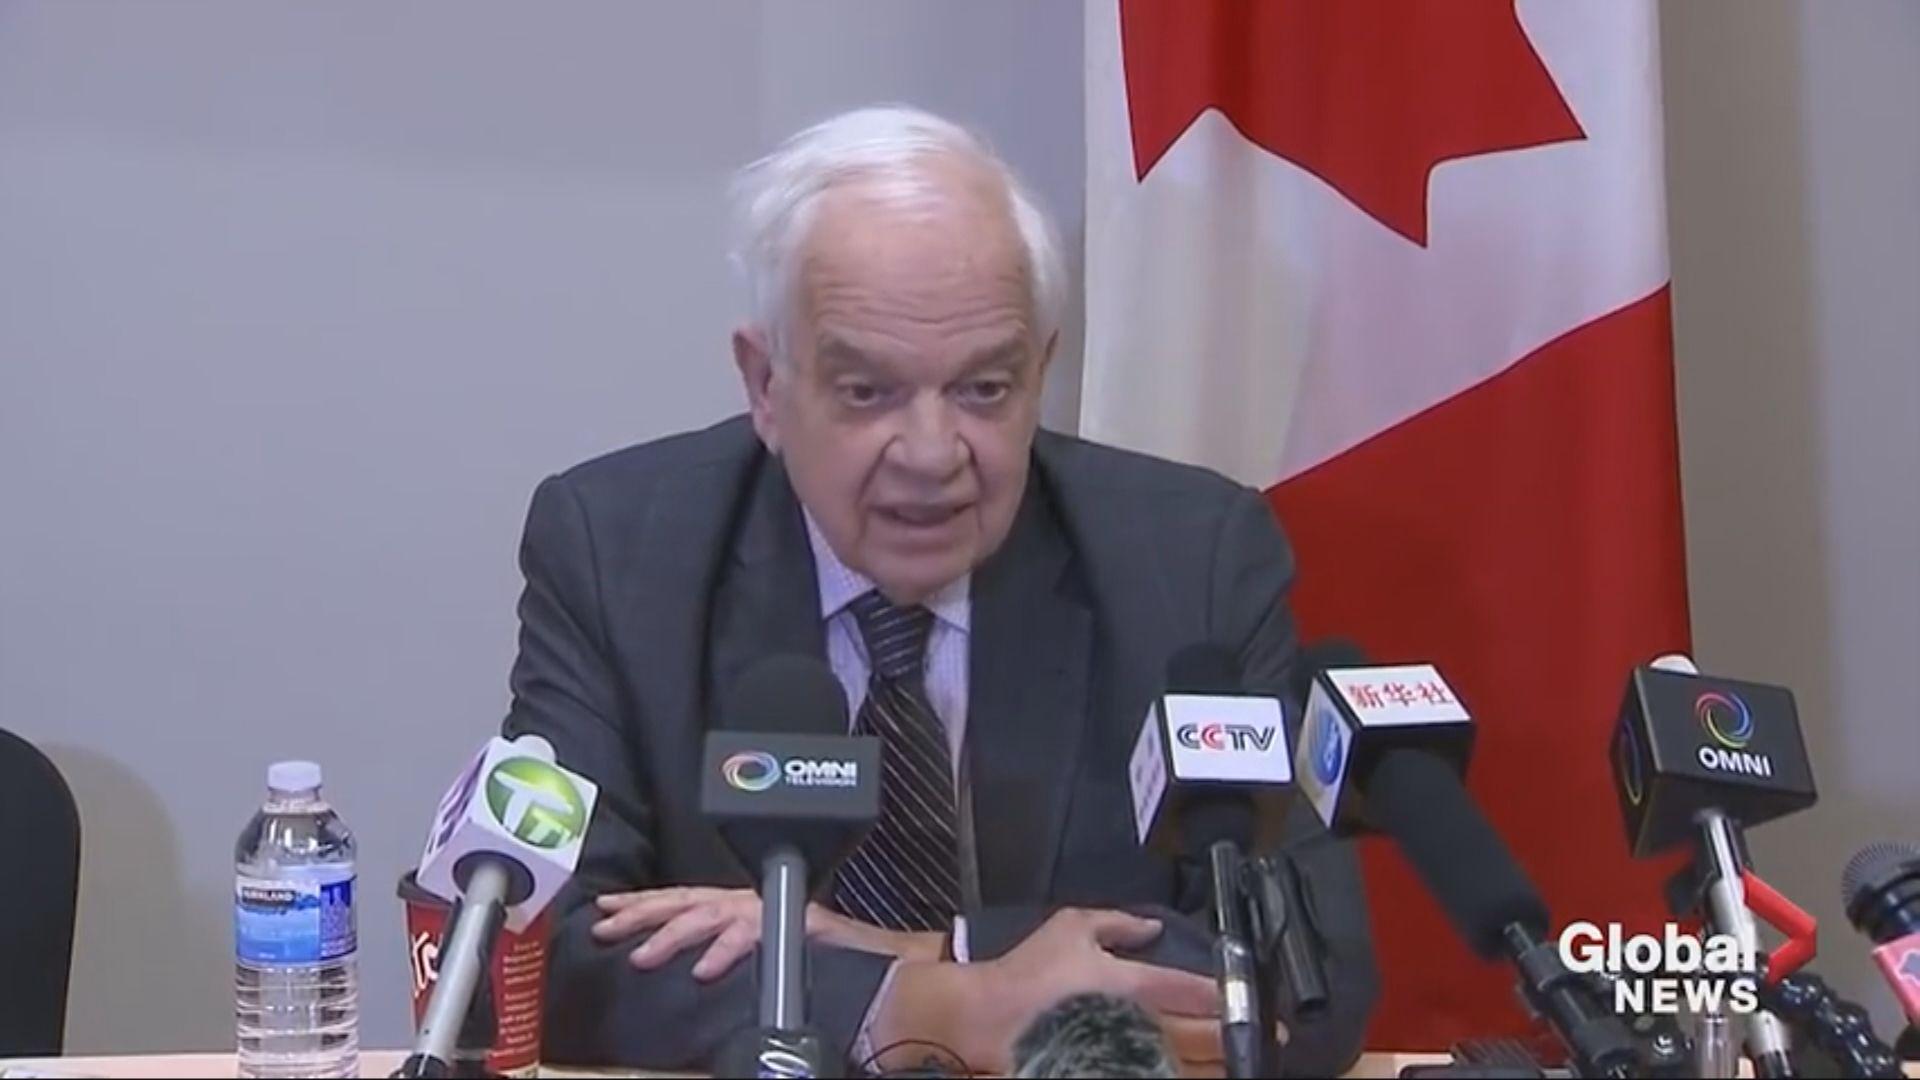 麥家廉:孟晚舟被捕影響加拿大及中國關係